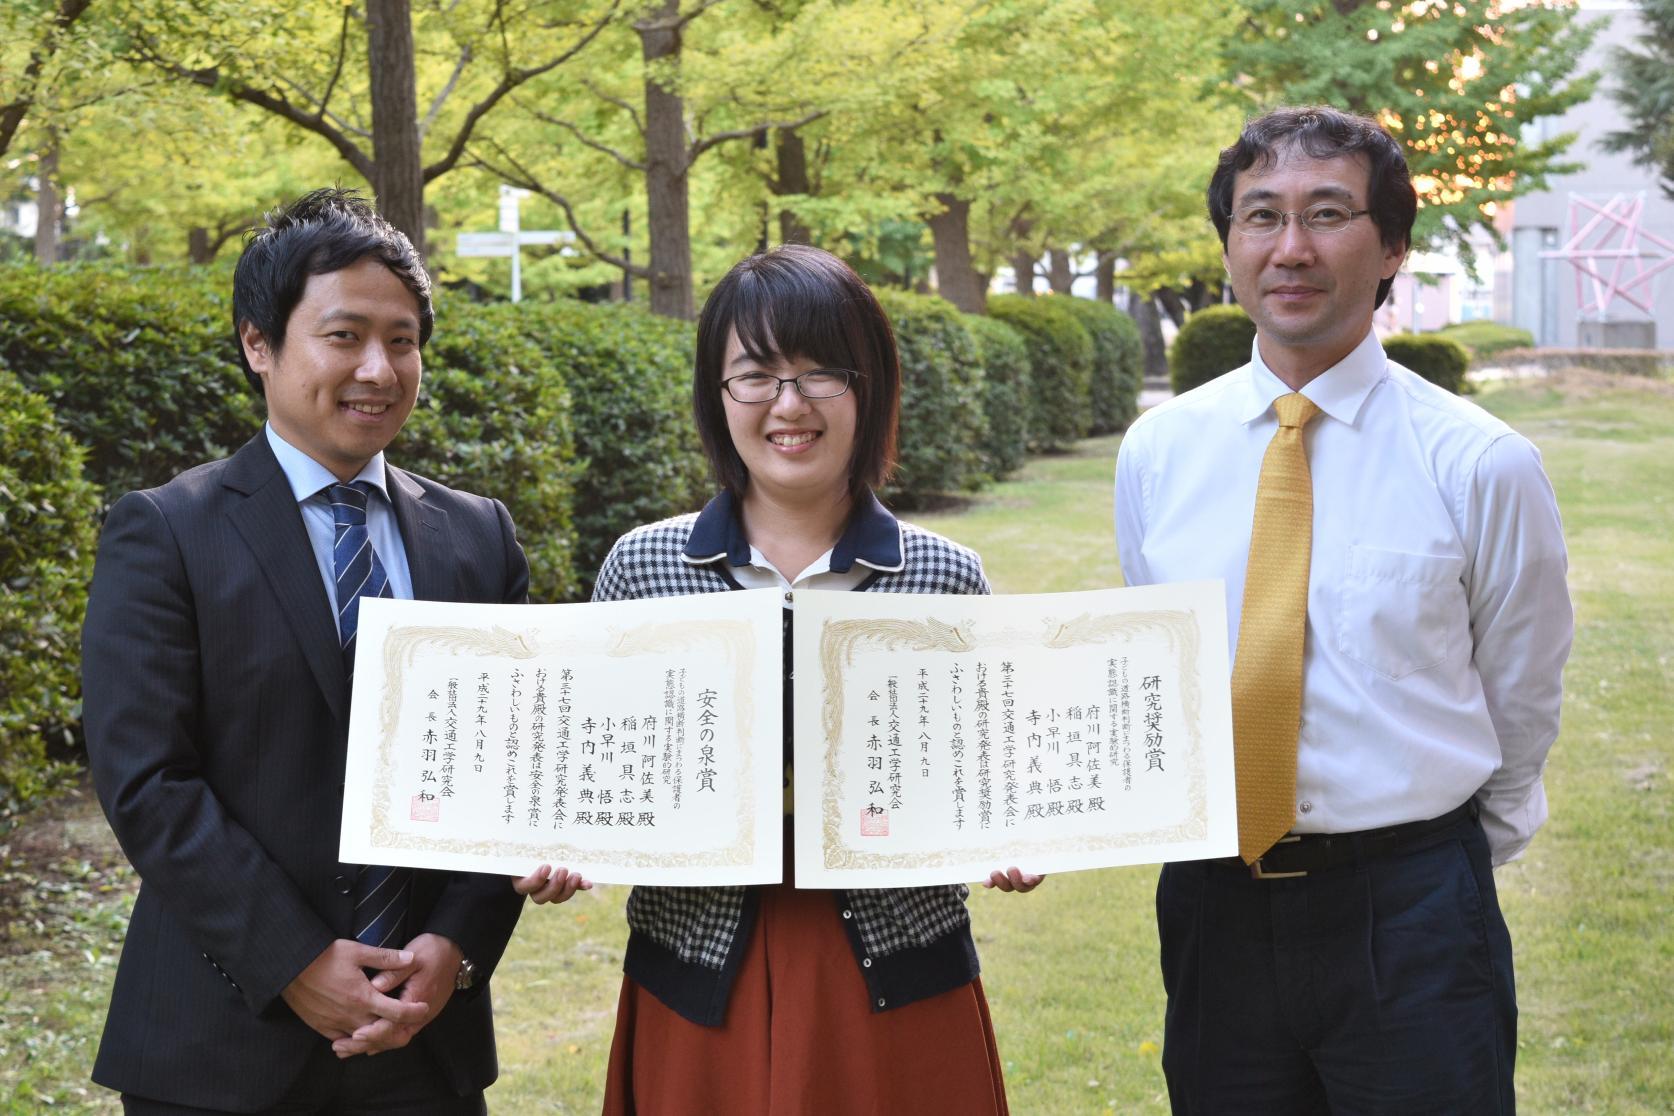 交通システム工学専攻の府川阿佐美さん、稲垣助教、小早川教授が、「交通工学研究発表会」において、研究奨励賞と安全の泉賞をダブル受賞しました。